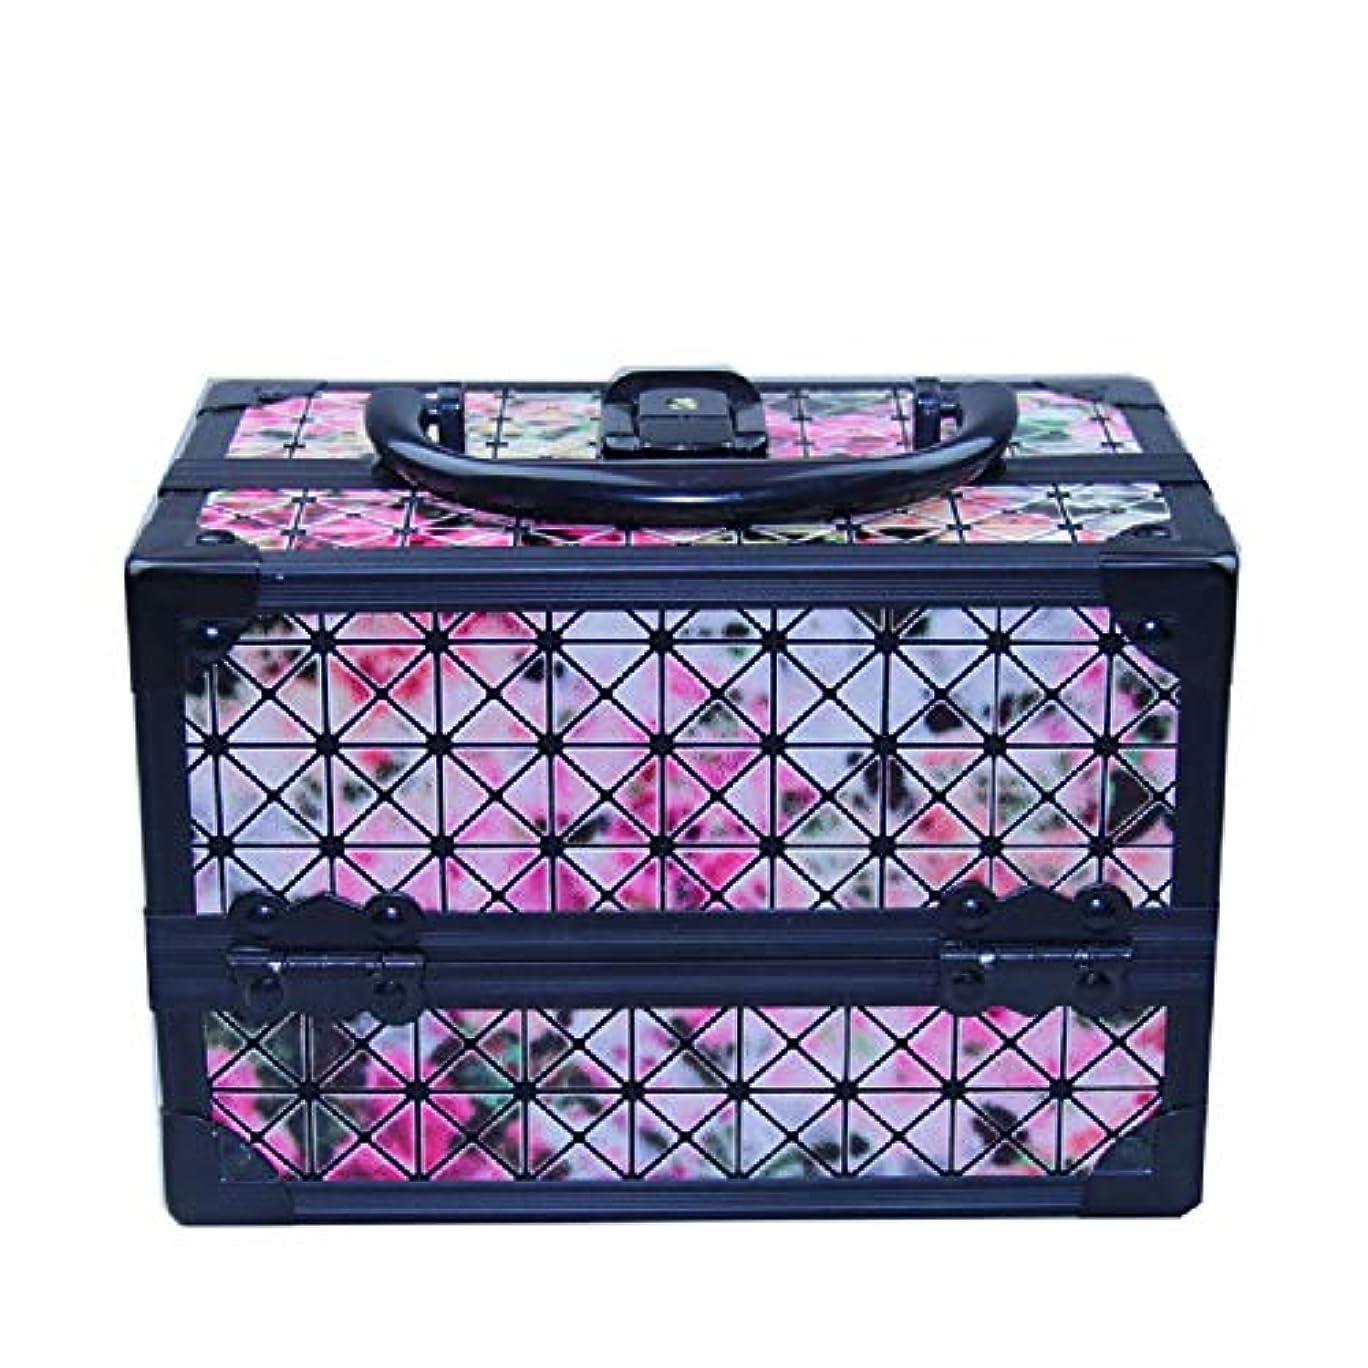 半径アンケートアジア化粧オーガナイザーバッグ 美容メイクアップと女の子の女性のための光沢のあるポータブル化粧ケースケースとロックとトレイ付きの毎日の保管 化粧品ケース